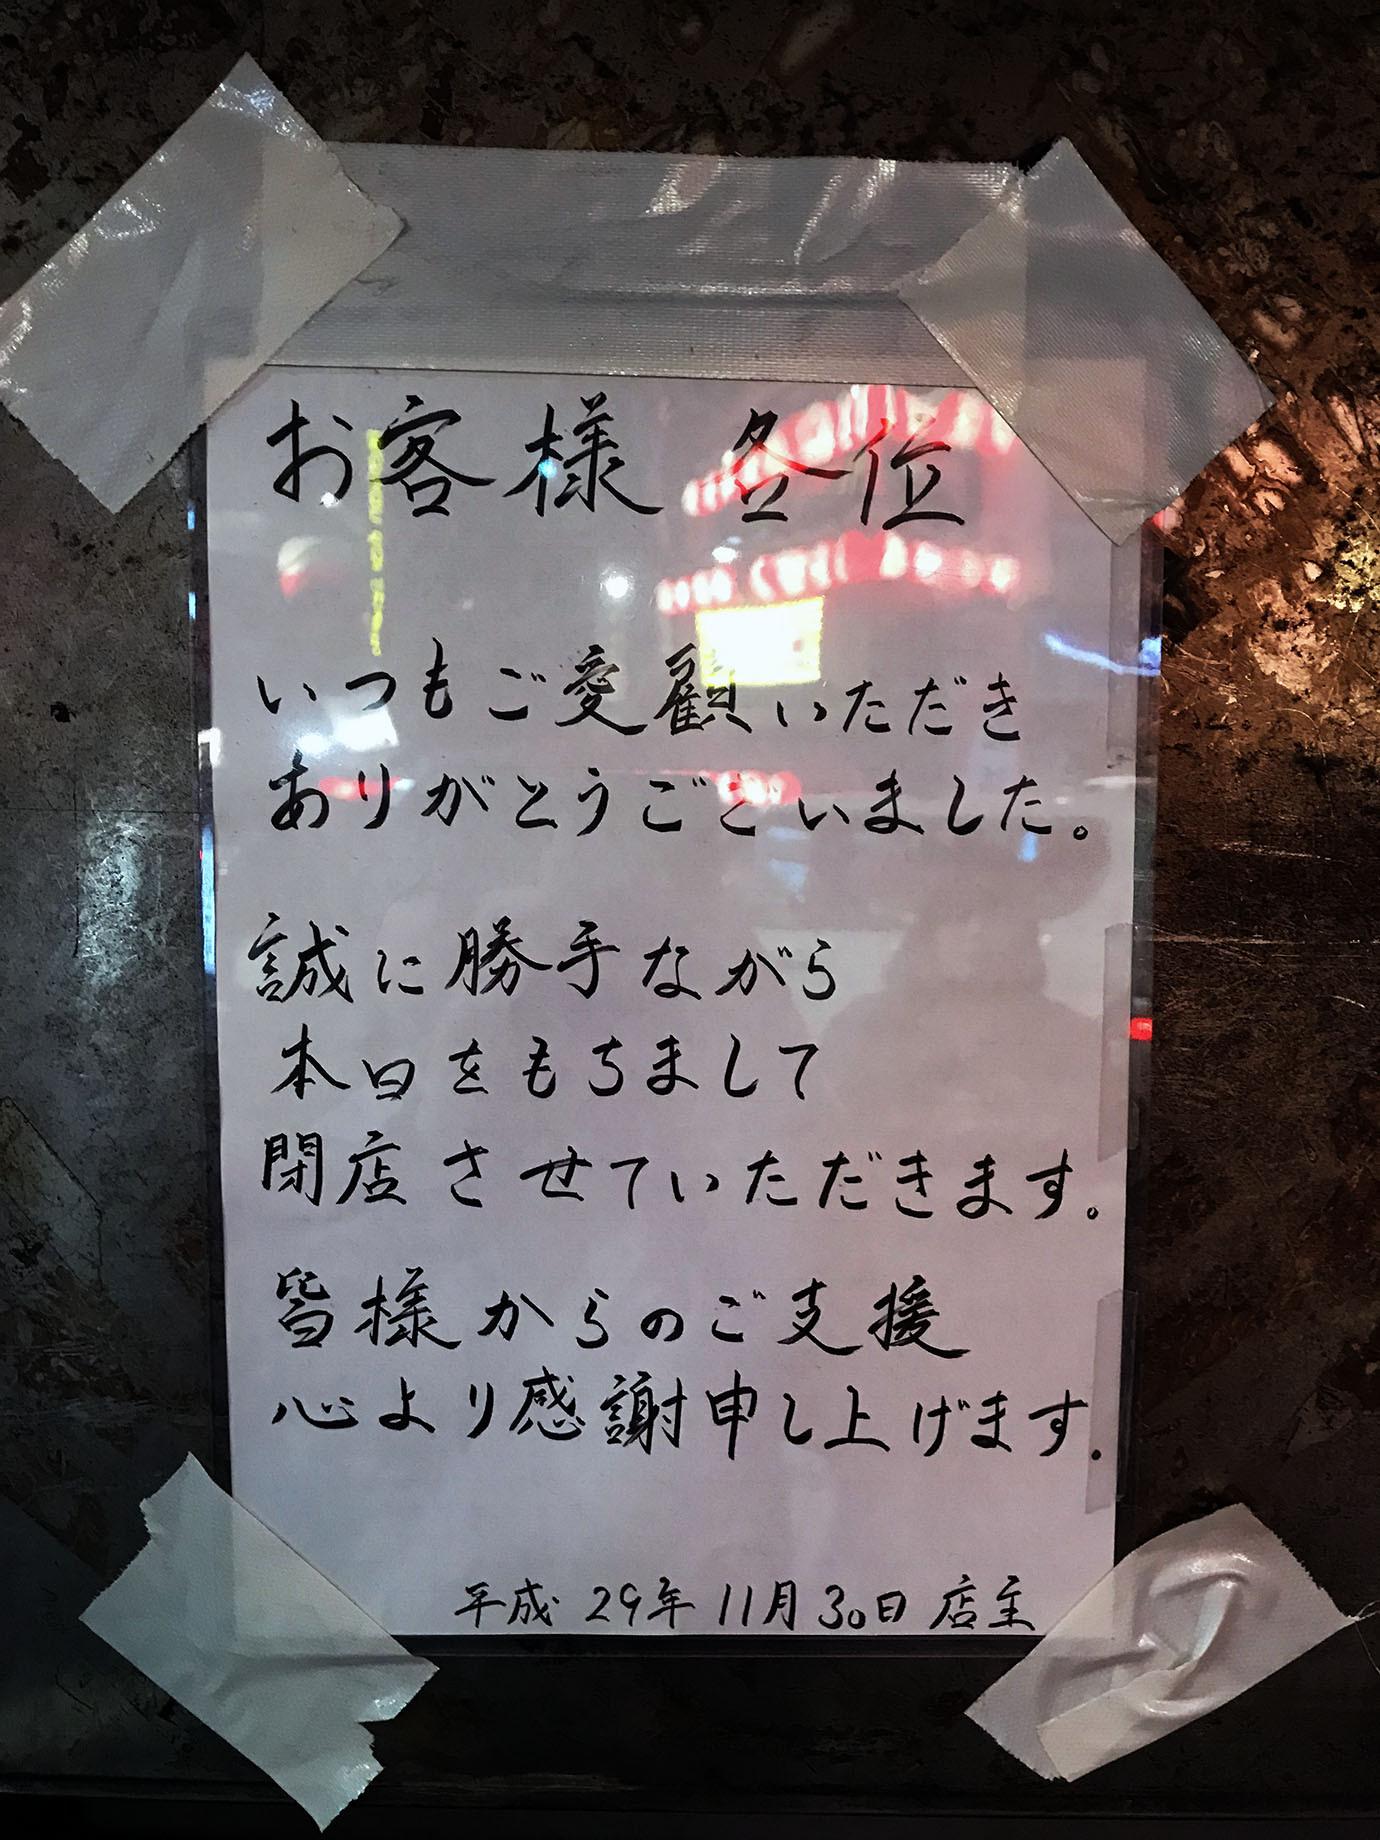 【悲報】松本人志が愛した日本一うまい蕎麦屋「信濃そば」が閉店へ・・・のサムネイル画像